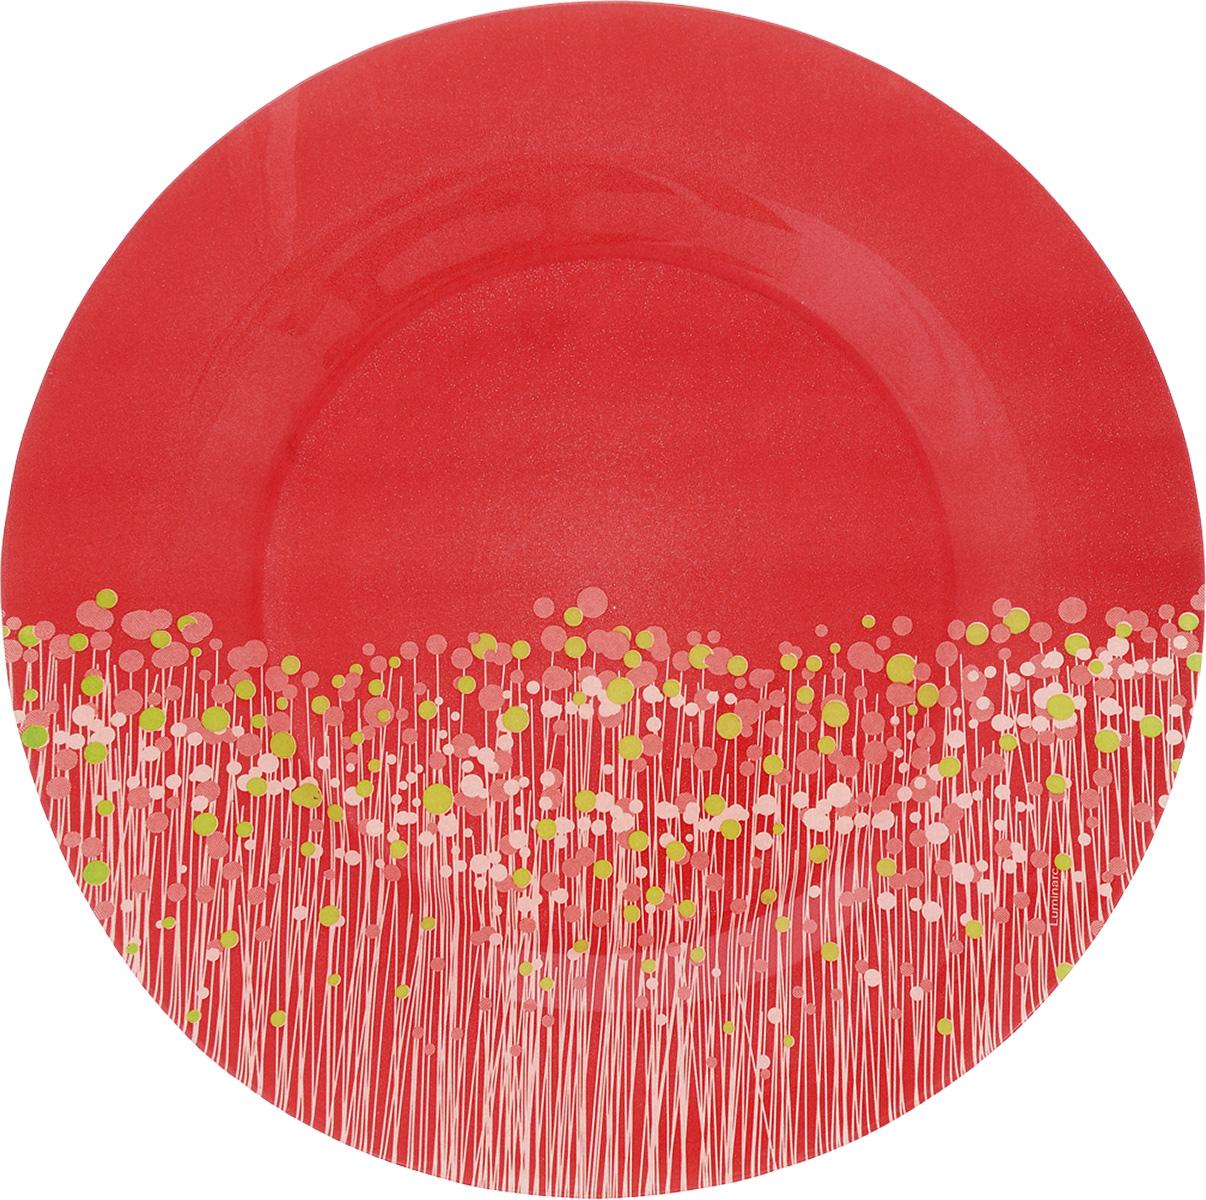 Тарелка обеденная Luminarc FlowerFields Anis, цвет: красный, зеленый, диаметр 25 смH2482_красный, зеленыйОбеденная тарелка Luminarc FlowerFields Anis, изготовленная из ударопрочного стекла, имеет изысканный внешний вид. Она идеально подойдет для сервировки вторых блюд из птицы, рыбы, мяса или овощей. Обеденная тарелка Luminarc FlowerFields Anis станет отличным подарком к любому празднику. Диаметр тарелки (по верхнему краю): 25 см. Высота тарелки: 2,5 см.